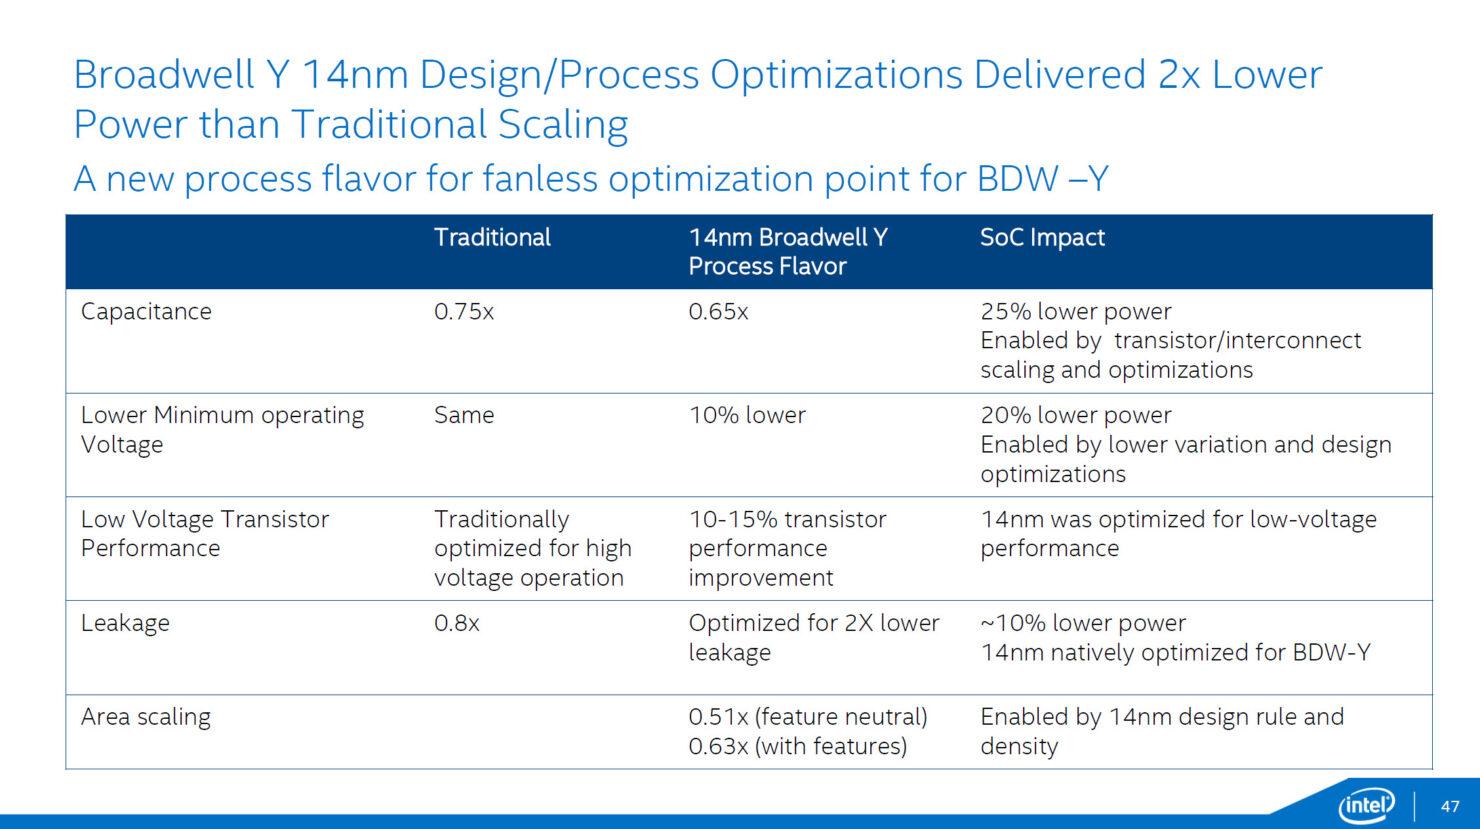 intel-broadwell-y-power-optimizations